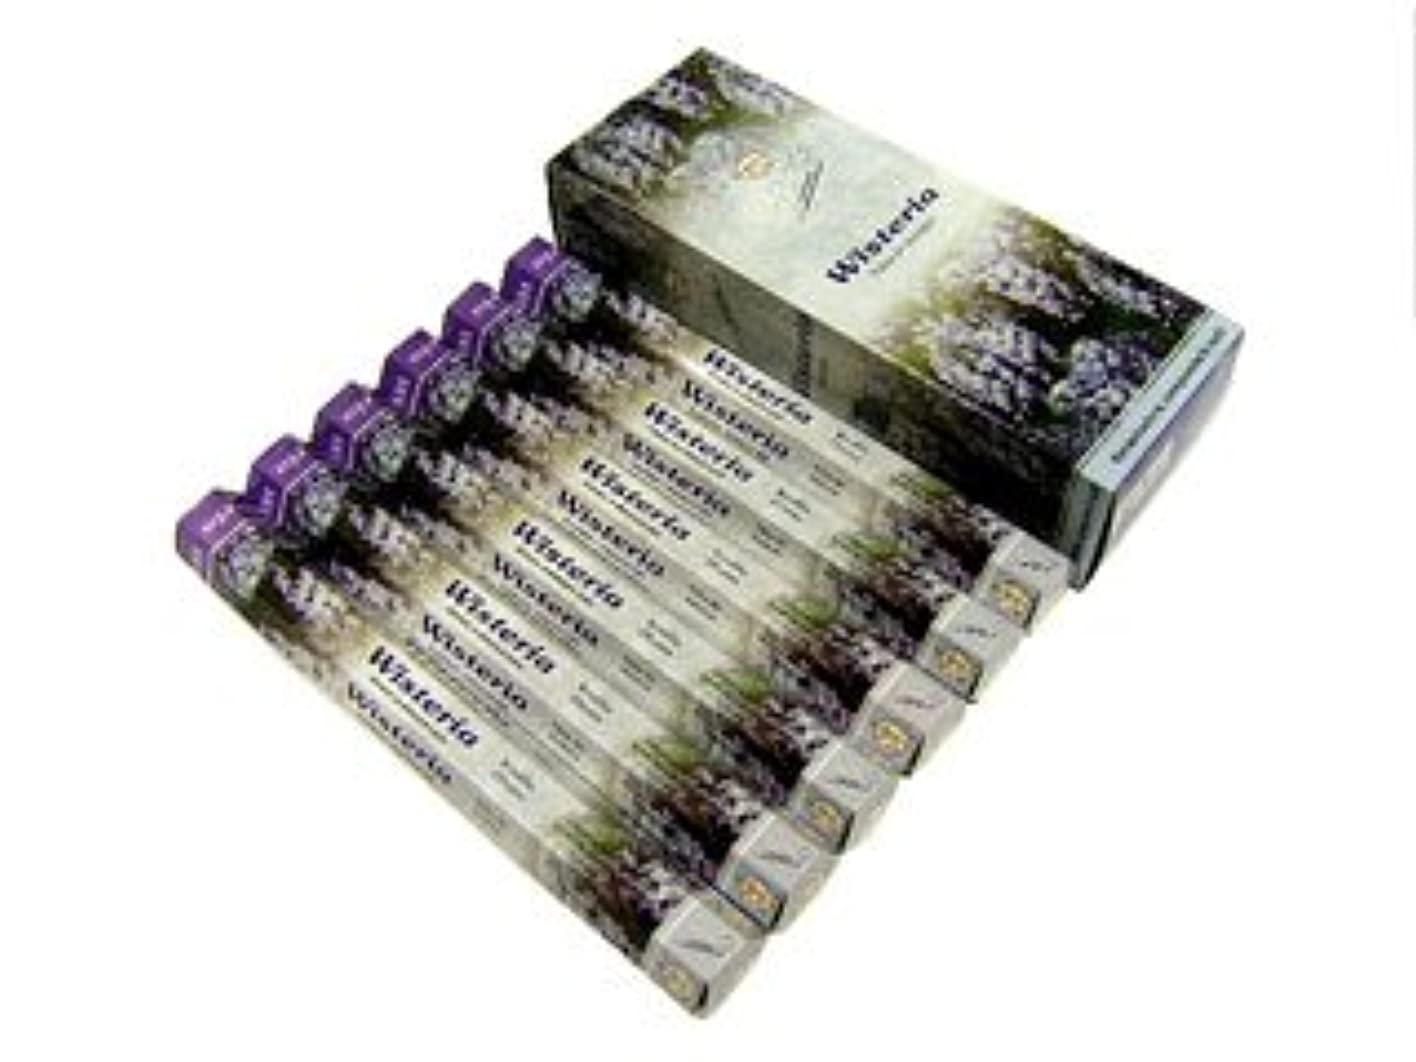 伝染病ウォーターフロントお風呂FLUTE(フルート) ウィステリア香 スティック WISTERIA 6箱セット